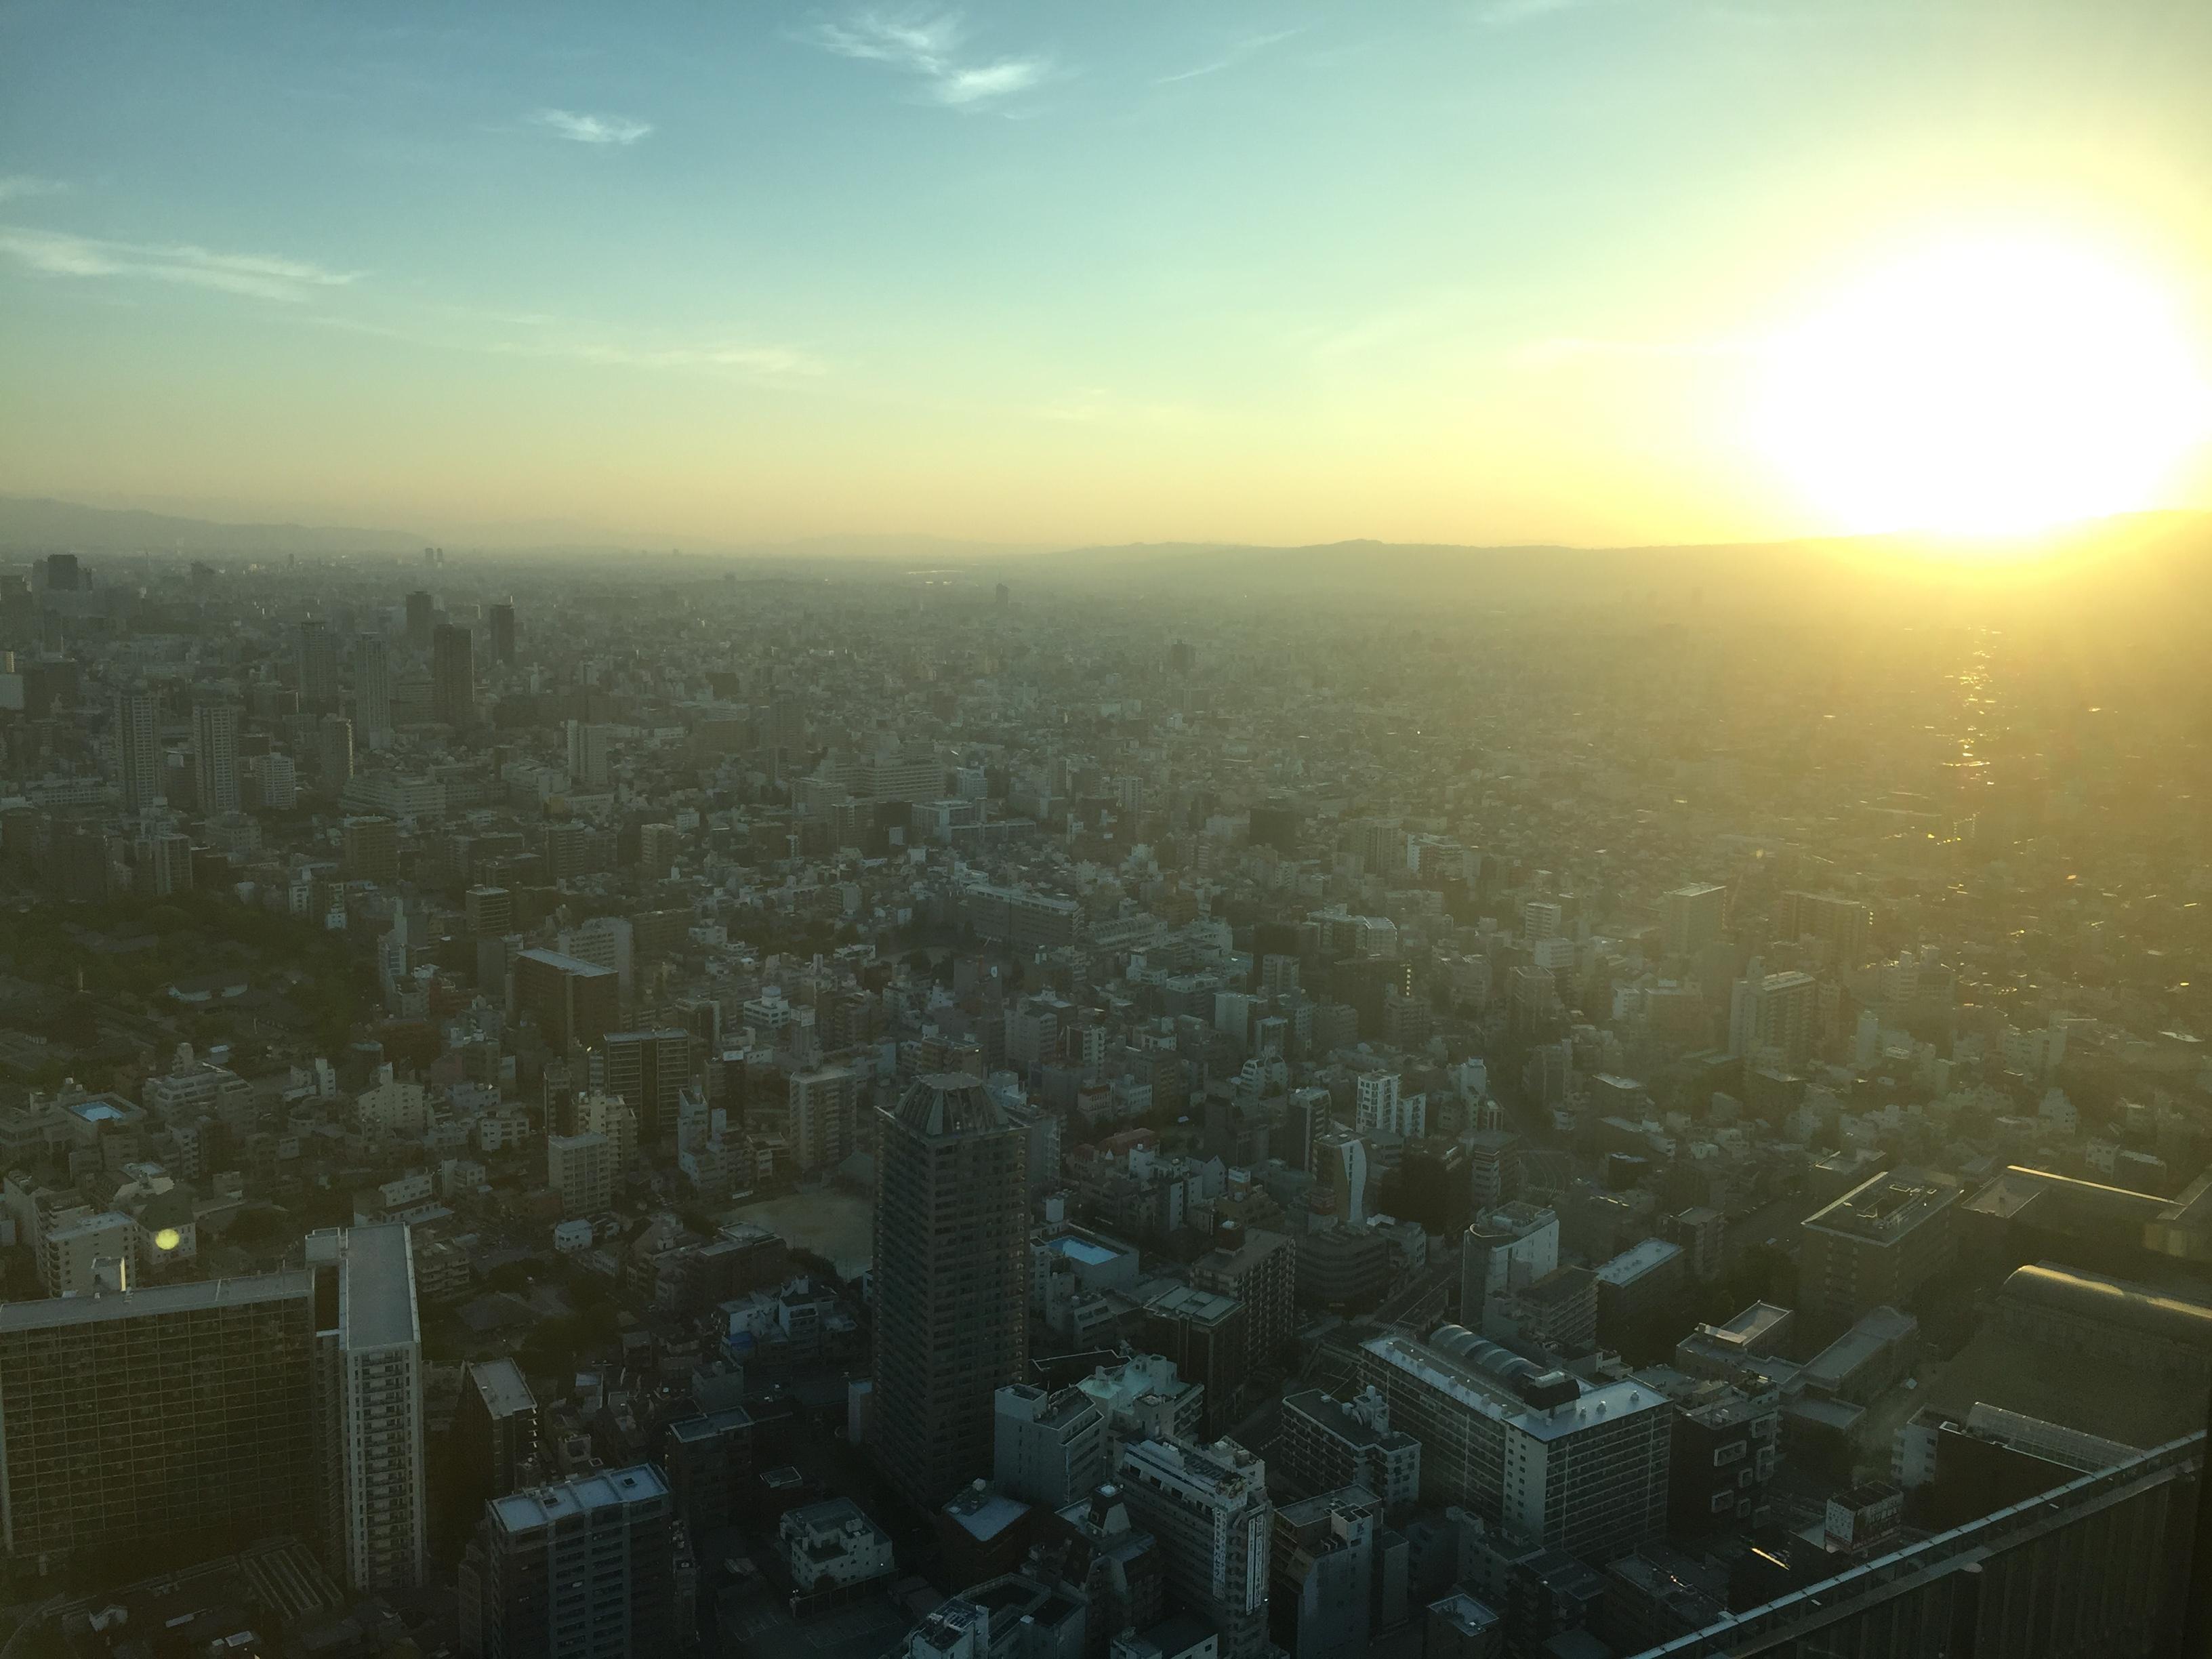 「綺麗な朝日」08/08(08/08) 05:40 | 欅坂ともみの写メ・風俗動画